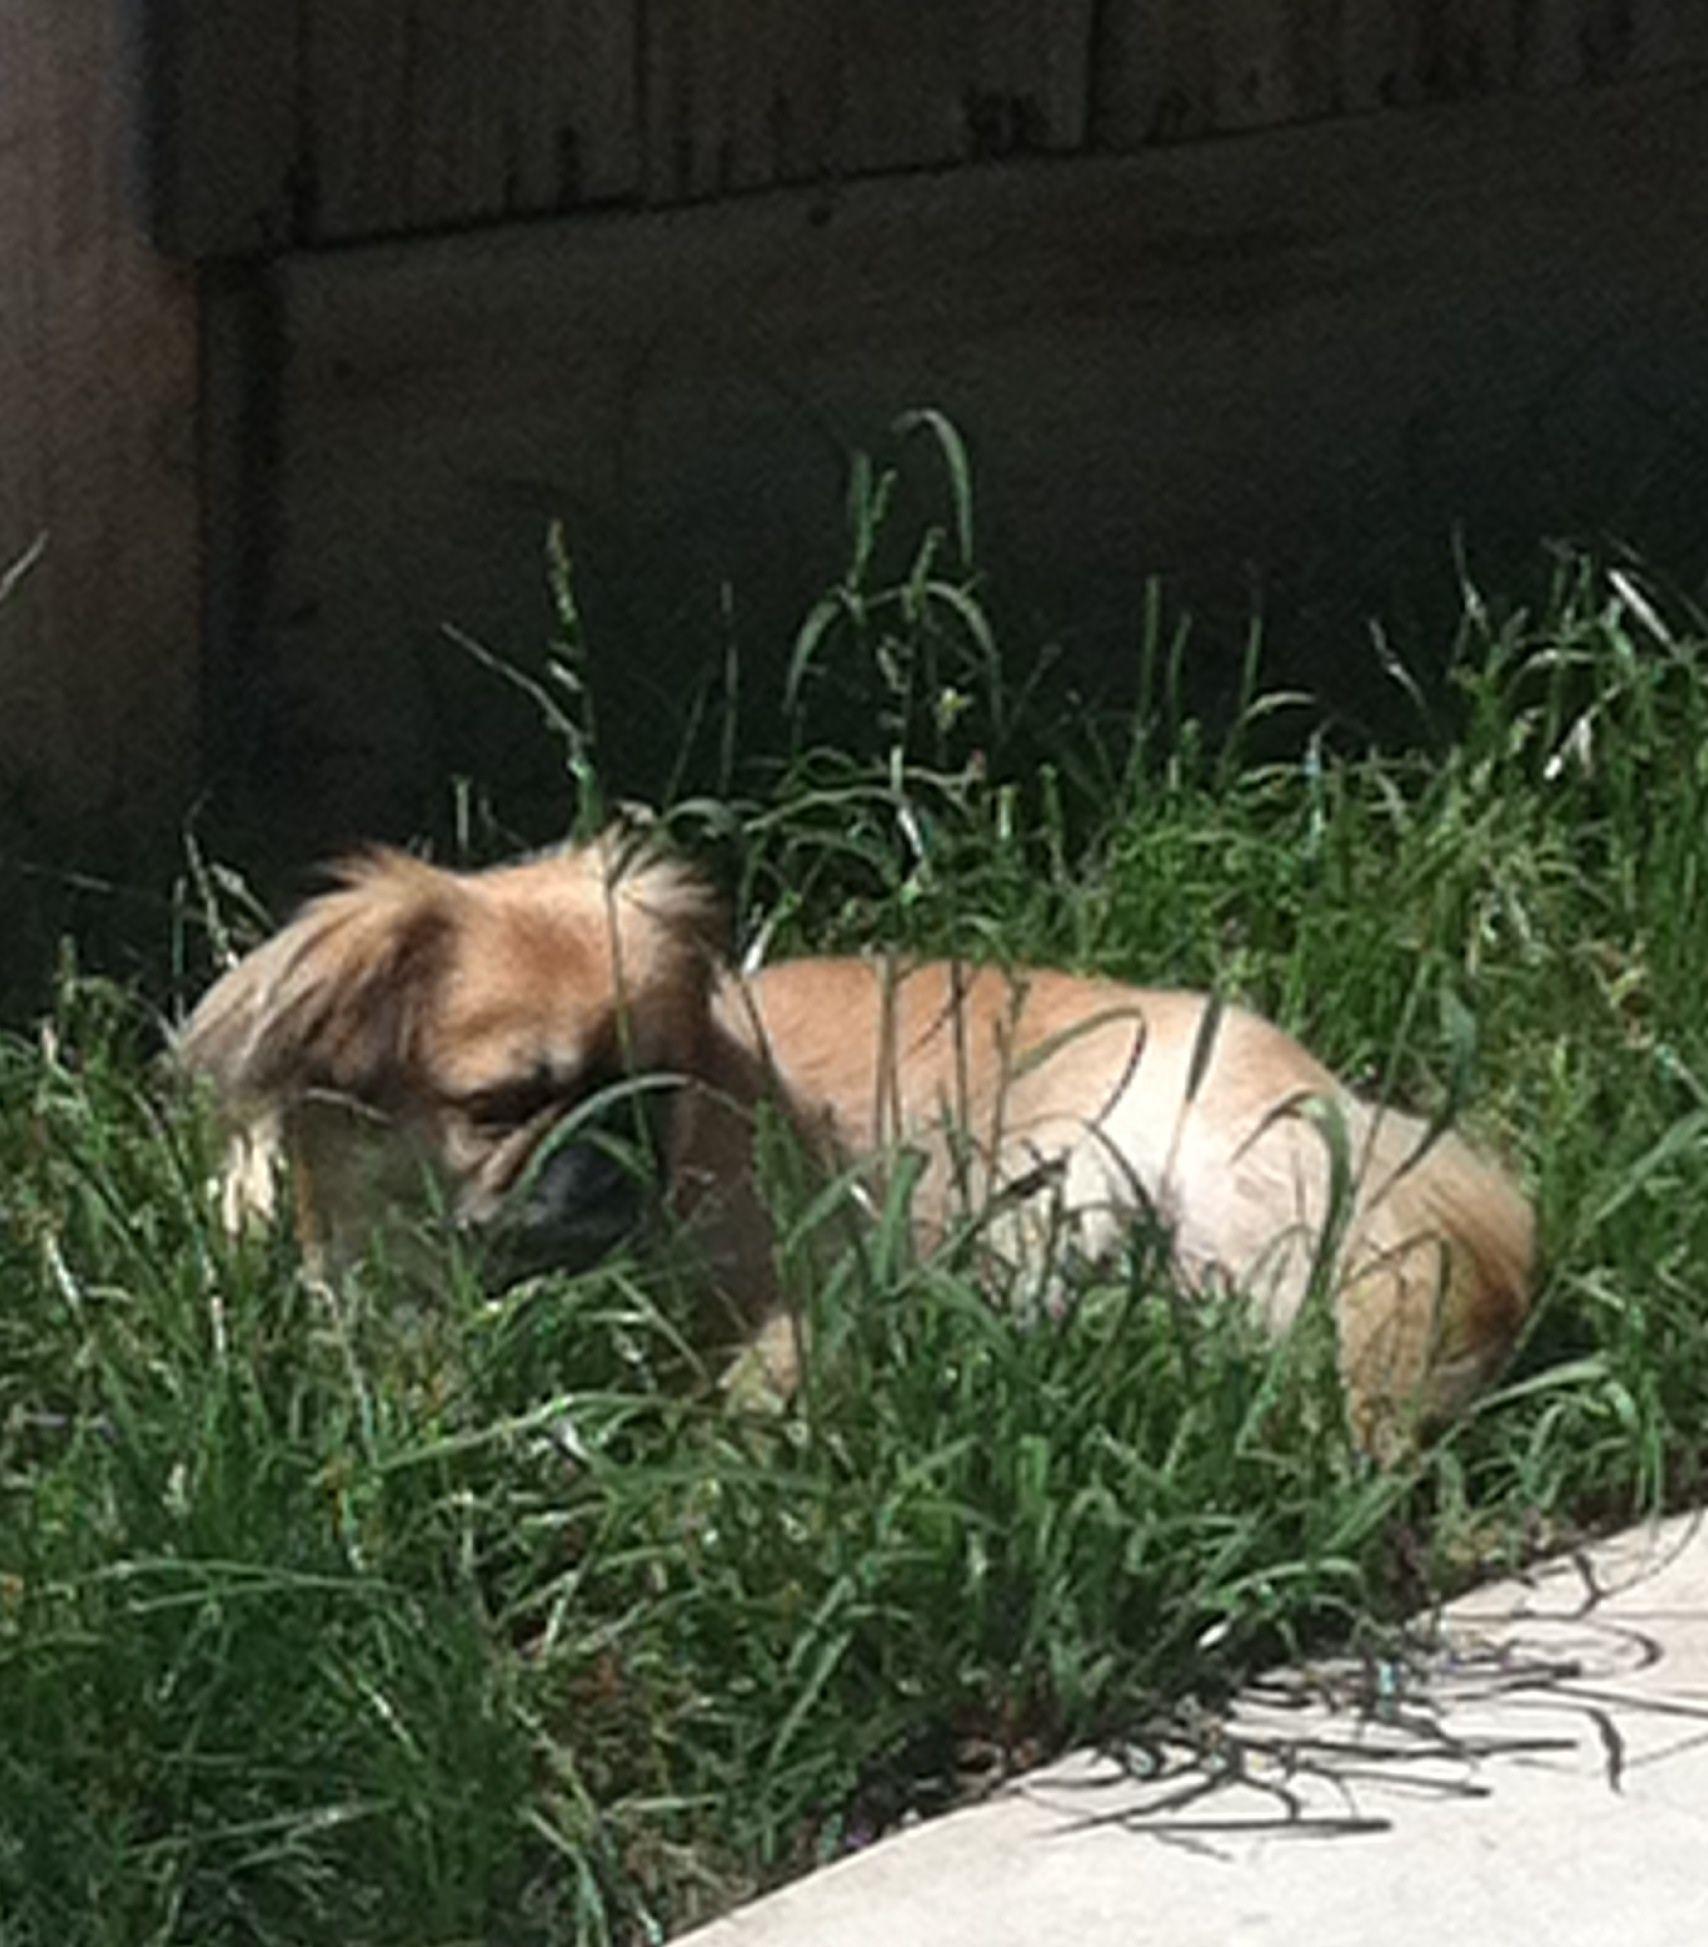 Laying in sun